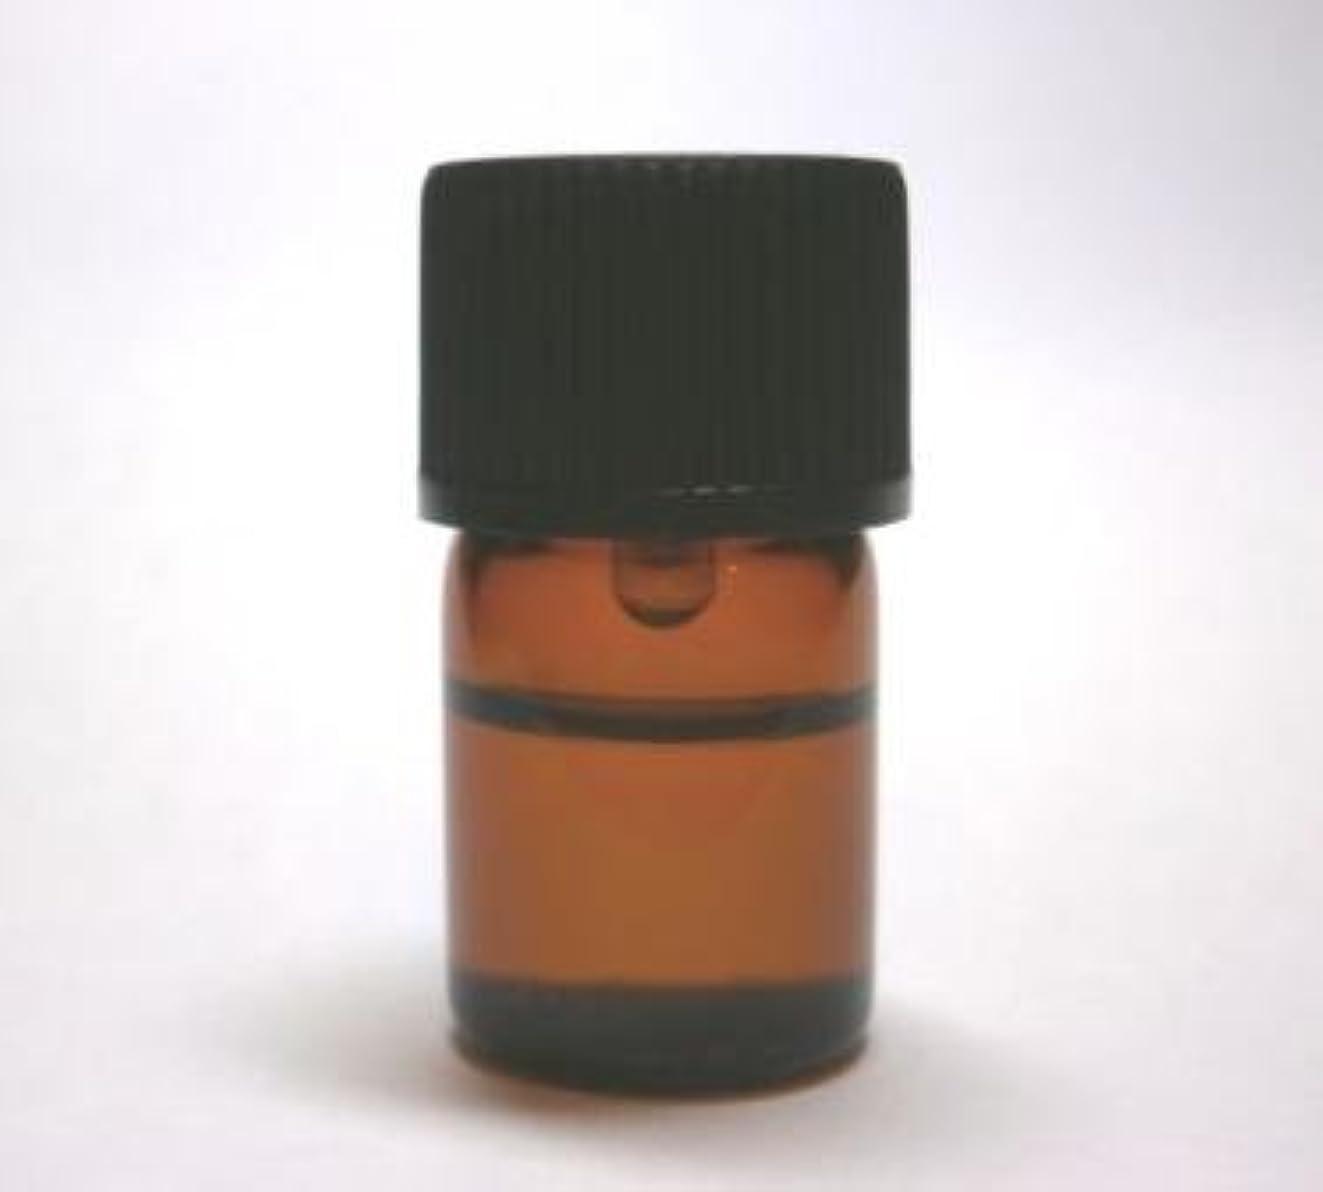 区別する病者電極ローズabsアブソリュート100%:3ml /ローズエッセンシャルオイル/ローズ精油/ローズオイル